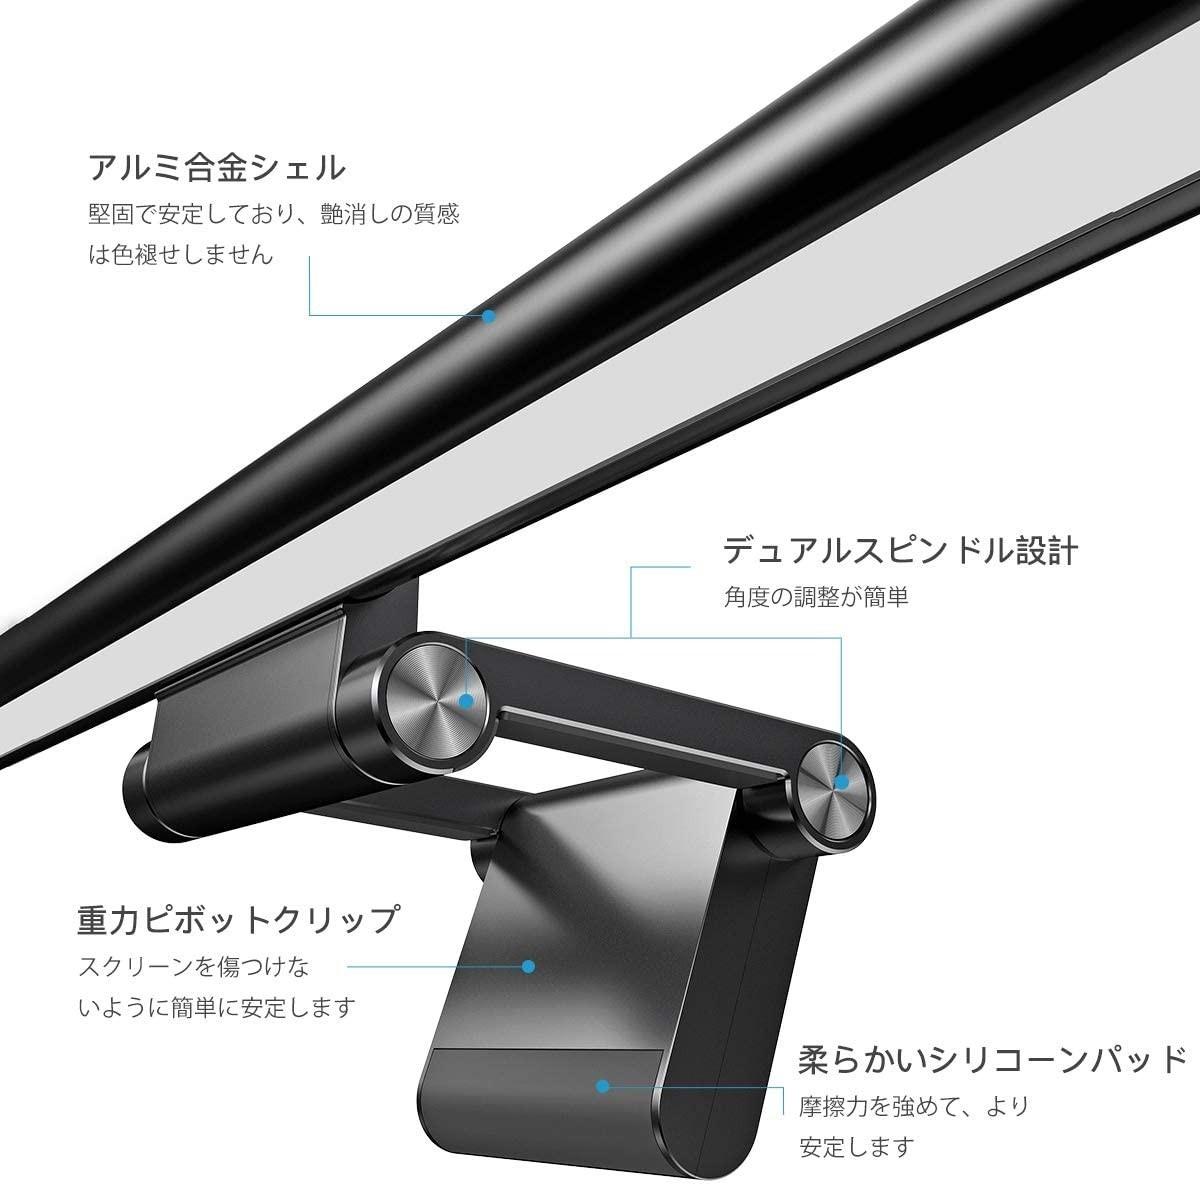 Baseus スクリーンバー 掛け式 モニター デスクライト LEDライト